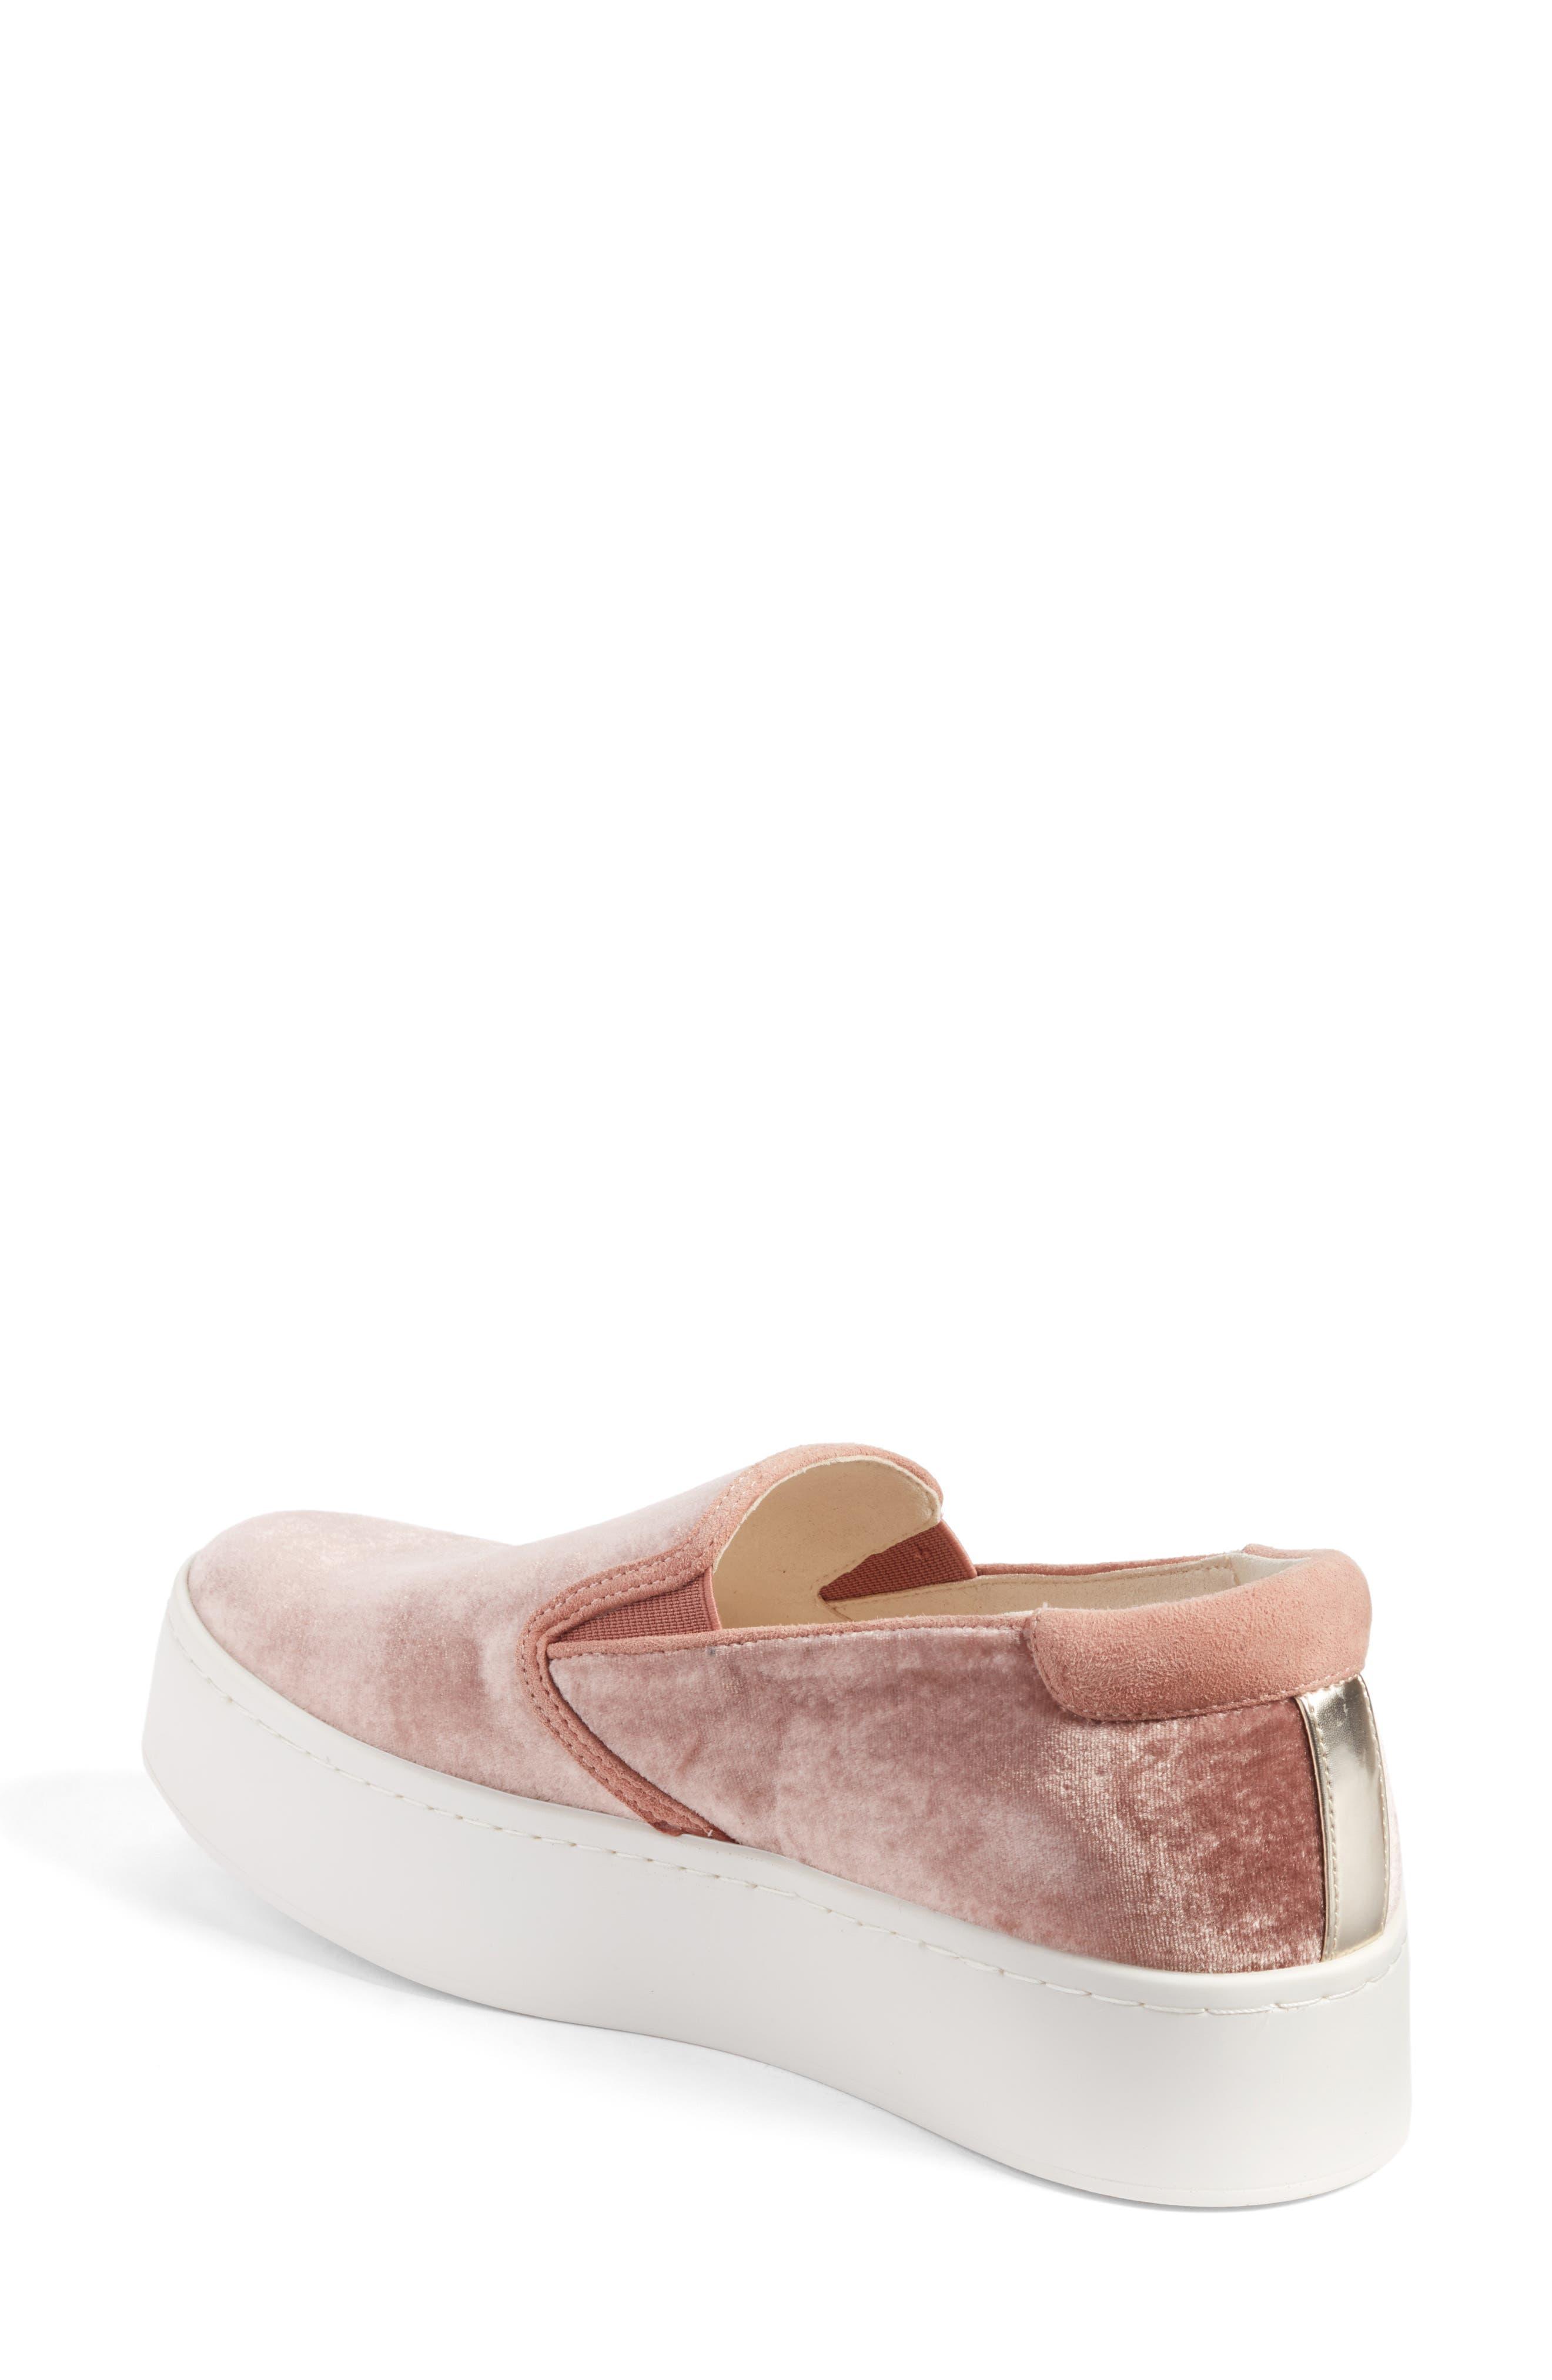 Joanie Slip-On Platform Sneaker,                             Alternate thumbnail 19, color,